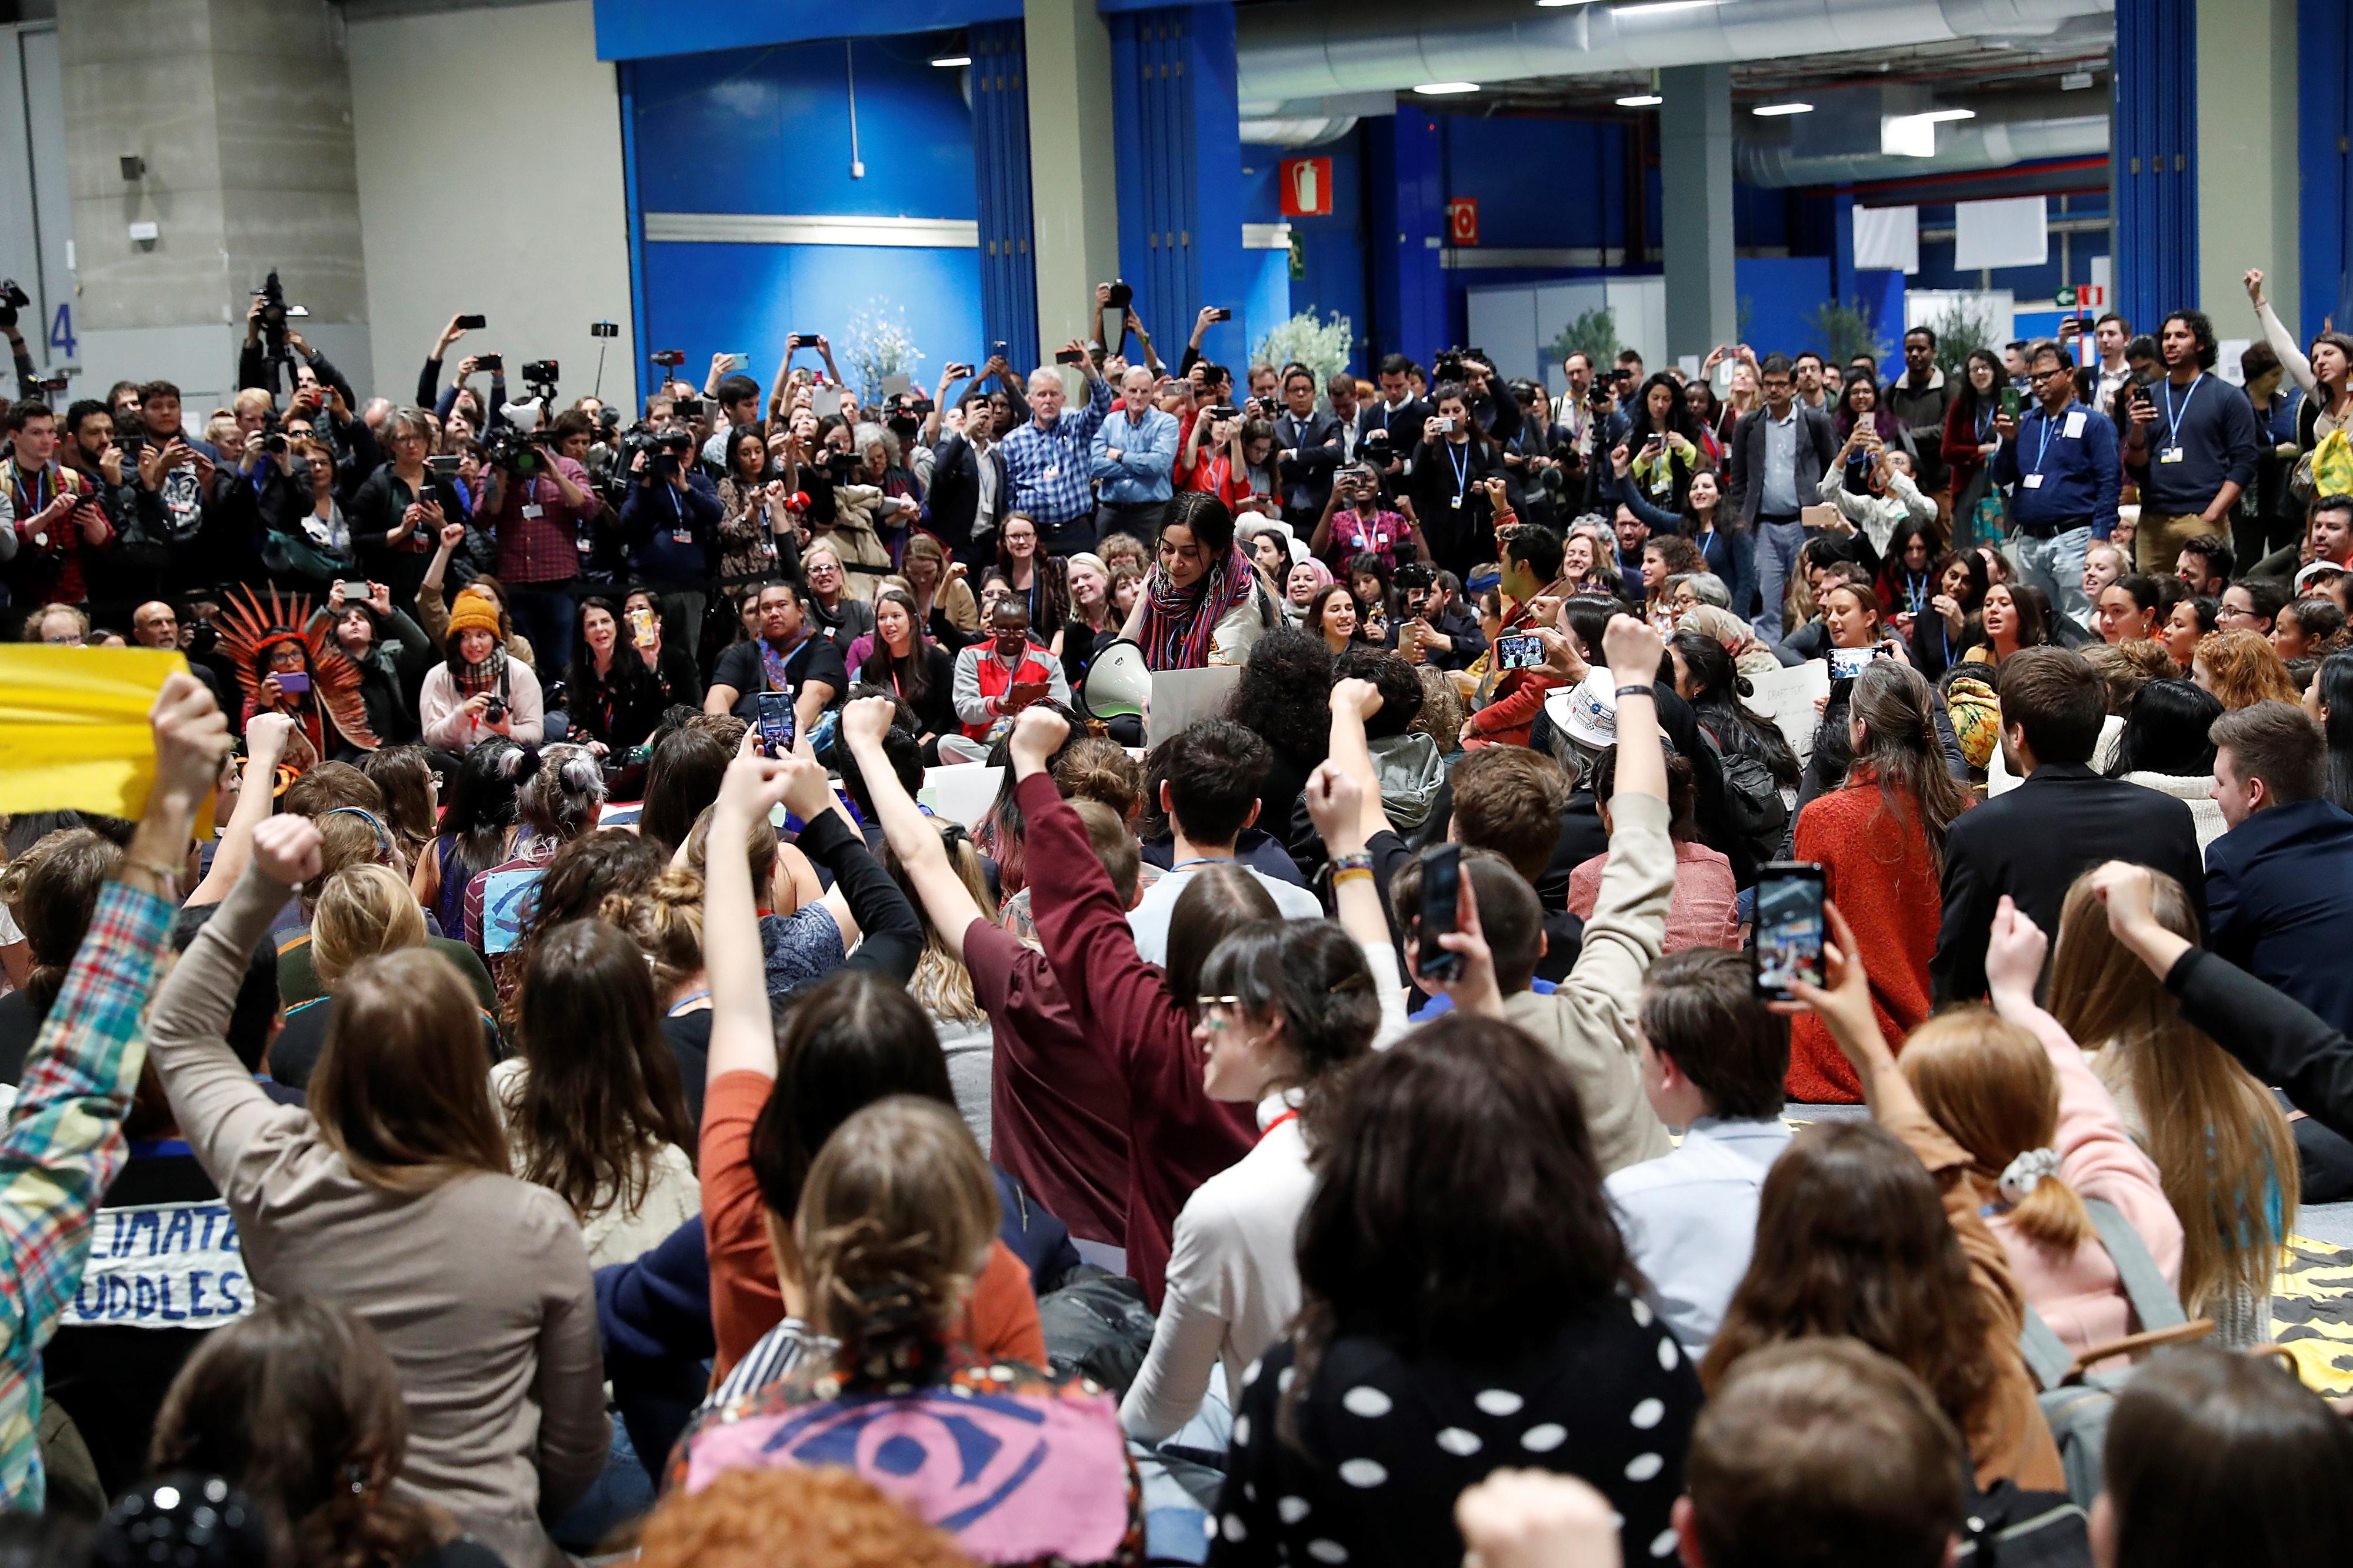 Jovens de movimento de greves pelo clima acusa conferência de lhes falhar